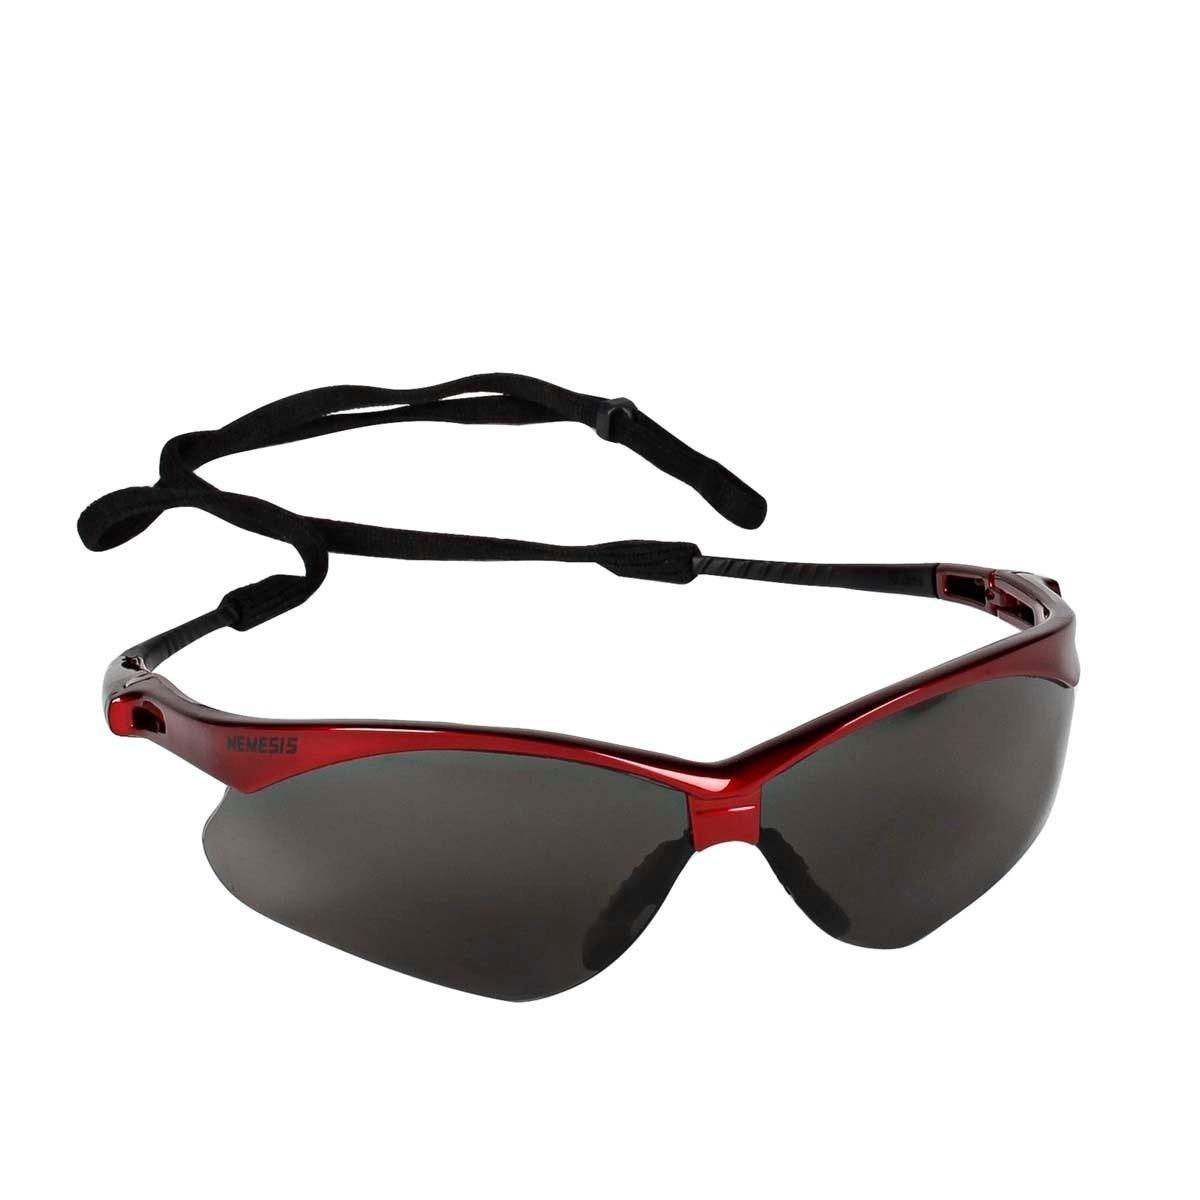 Óculos Nêmesis Vermelho Lentes Pretas - R  42,00 em Mercado Livre fd5c20d7e8